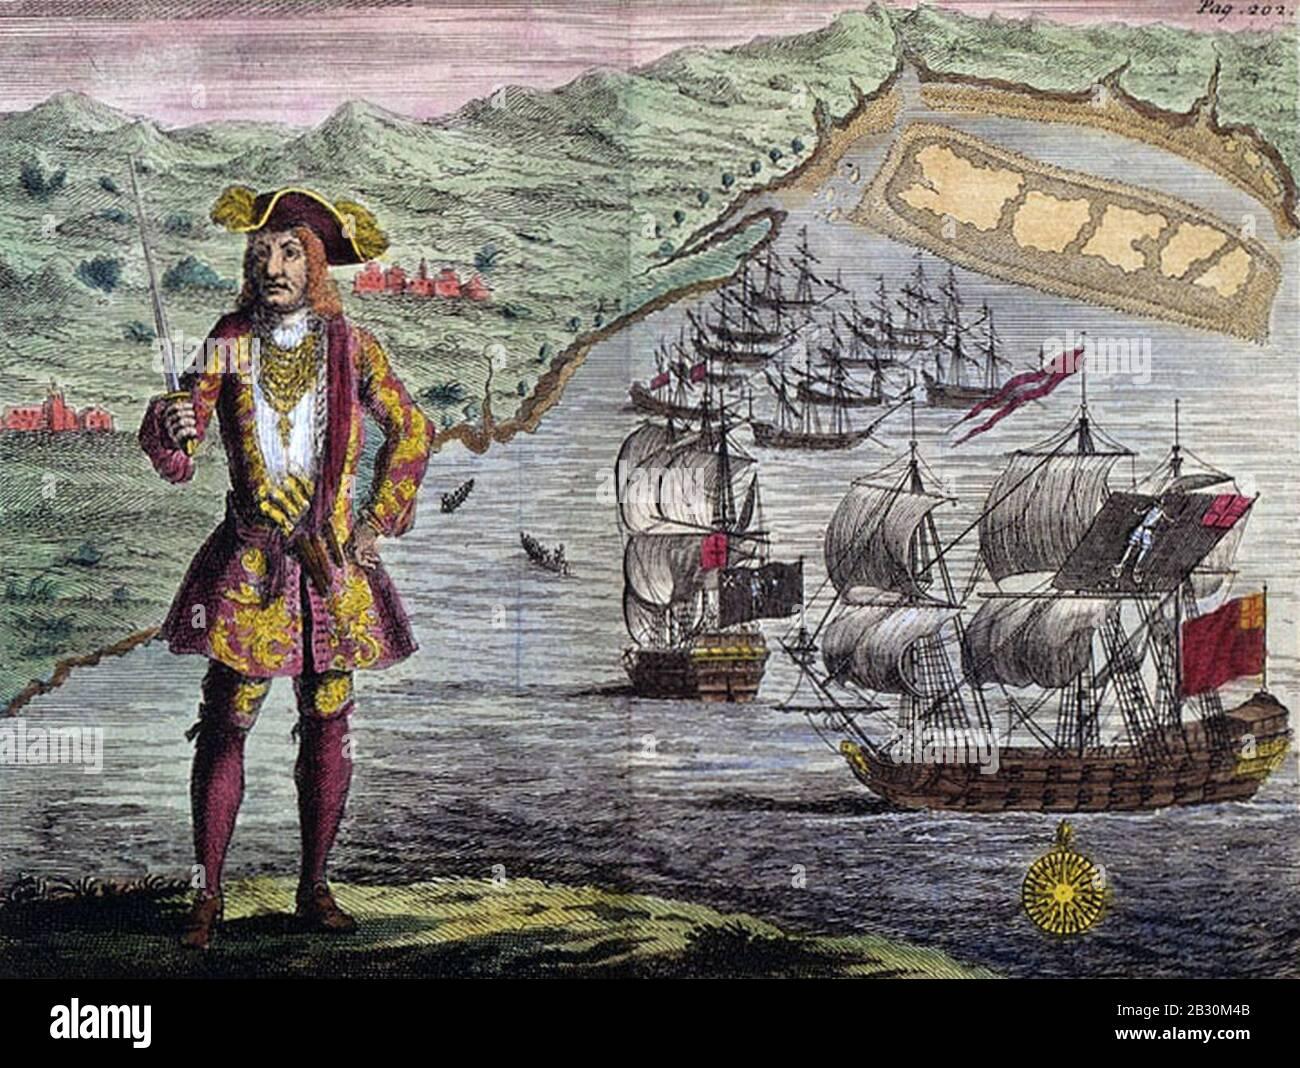 Histoire générale des Vols Et Meurtres des Pyrate Les Plus Connus - Capitaine Bartholomew Roberts avec deux navires. Banque D'Images